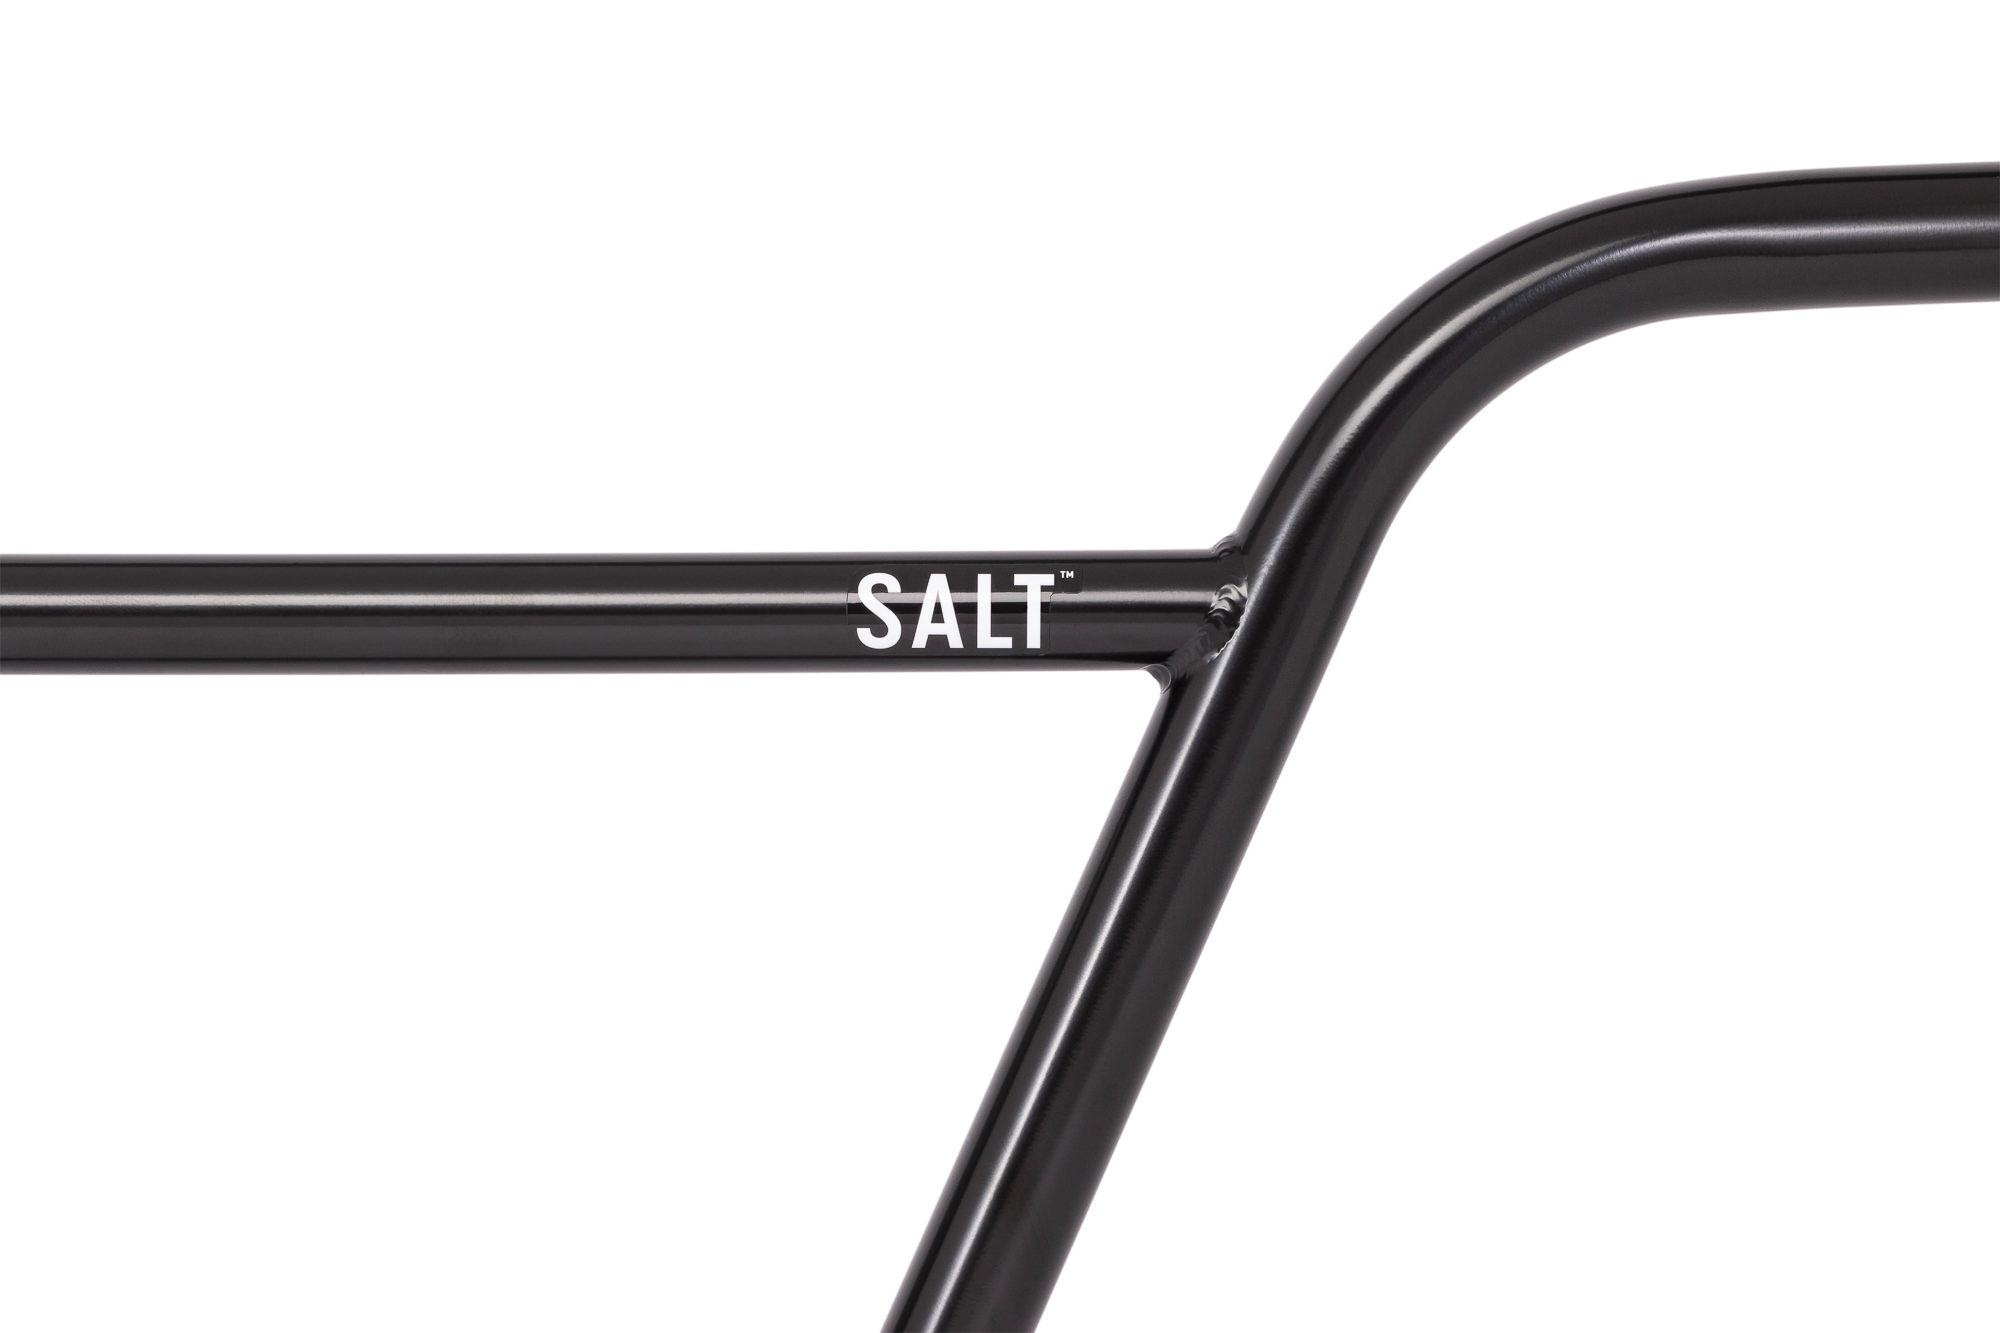 Salt_Pro_bar_black-01